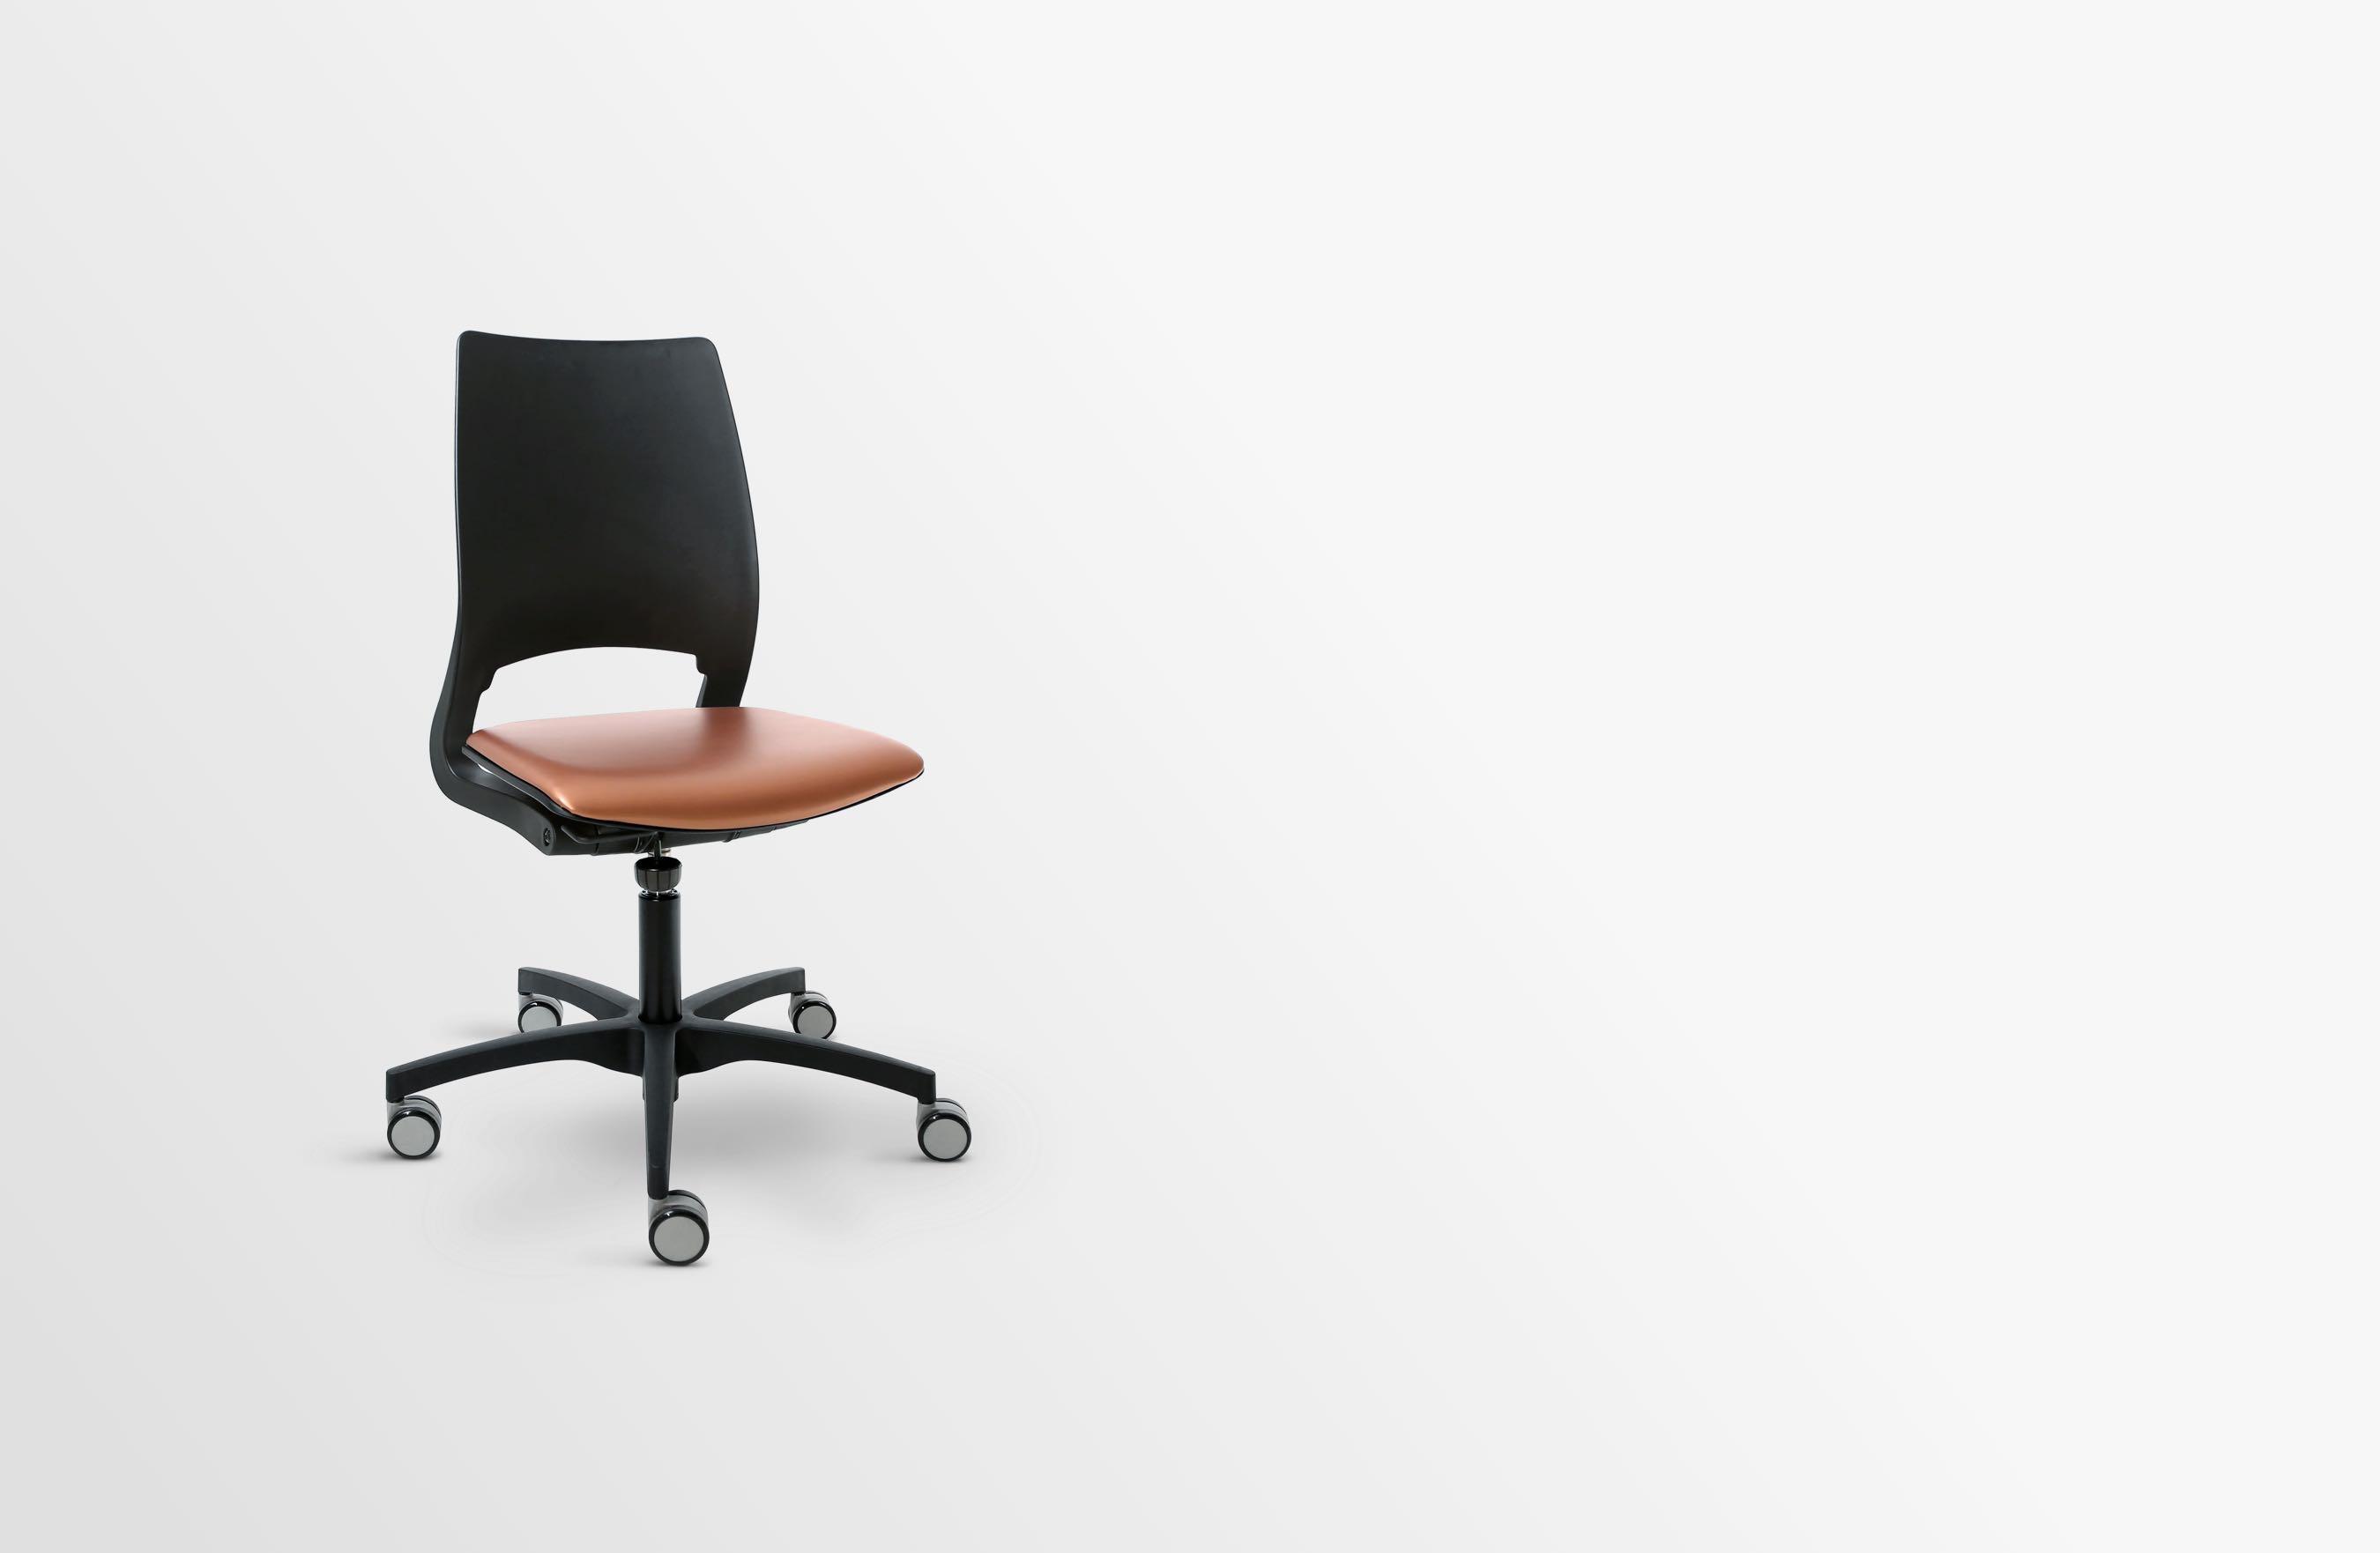 Xact sièges de formation mobilier de bureau kinnarps